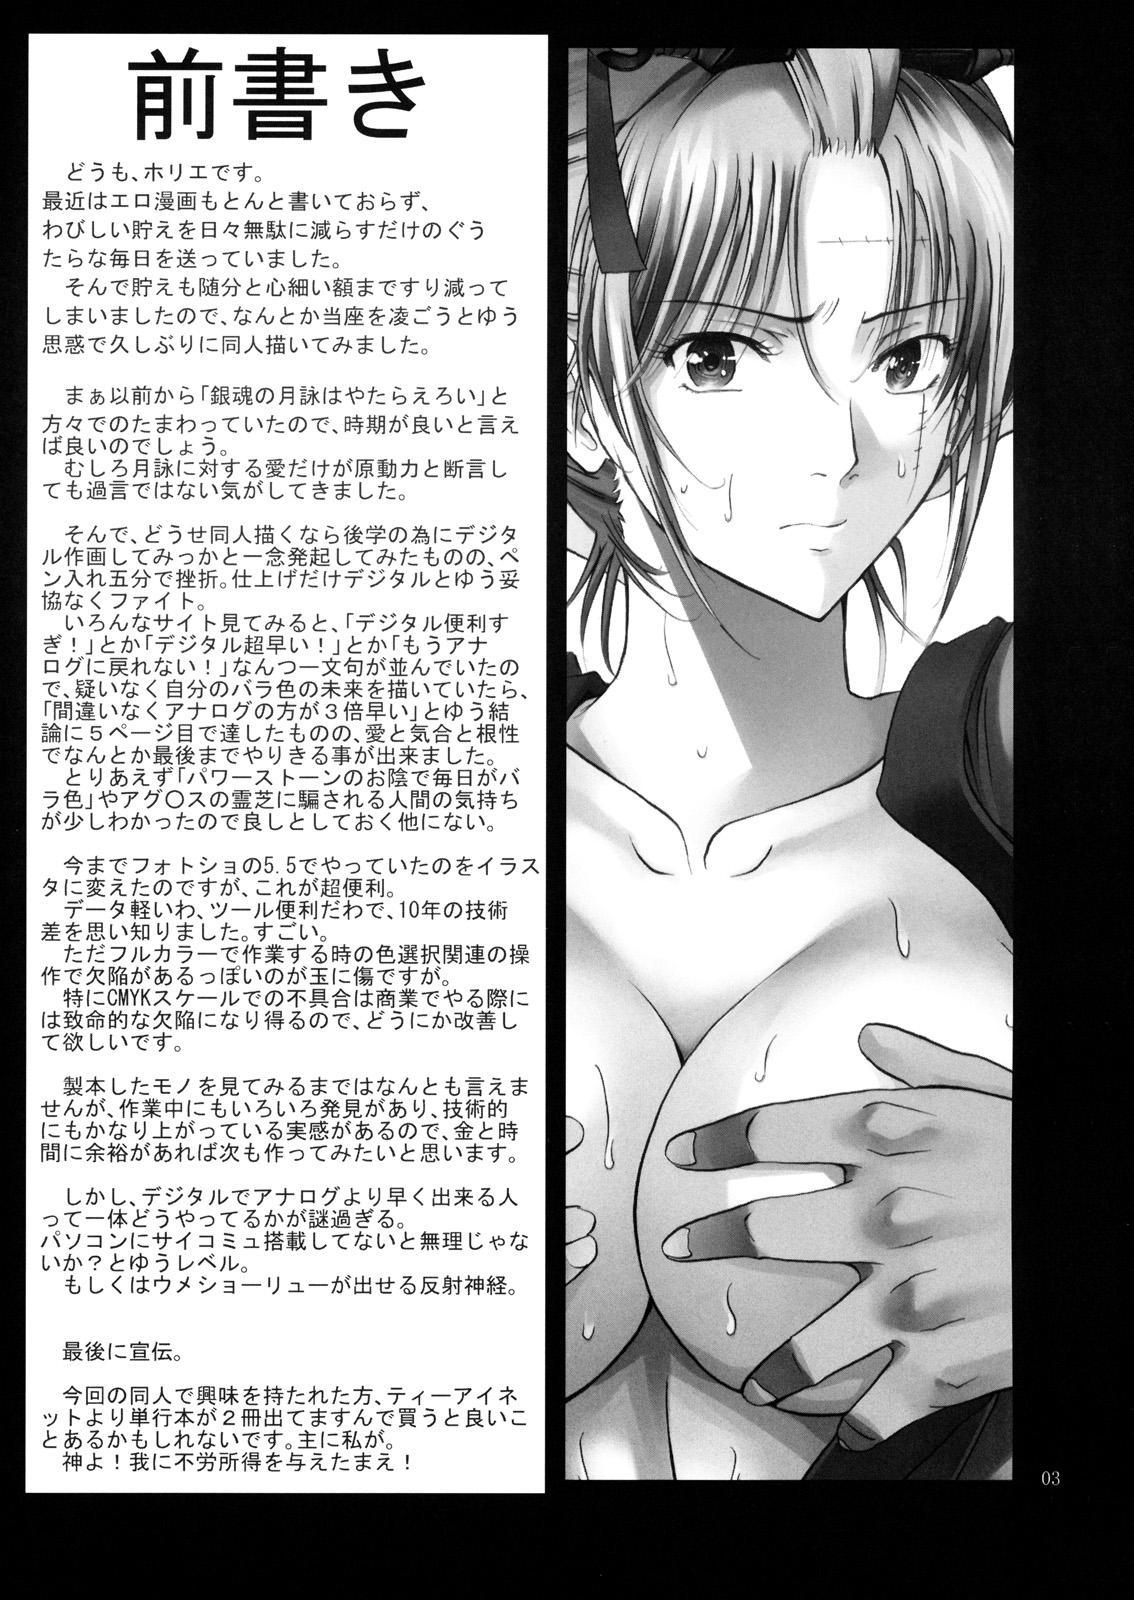 (SC49) [Katsuobushi (Horie)] Tsukuyo-san ga Iyarashii Koto o Sarete Shimau Hanashi -NTR Ryoujoku Hen- [English] [Twilight Sparkle1998] 1